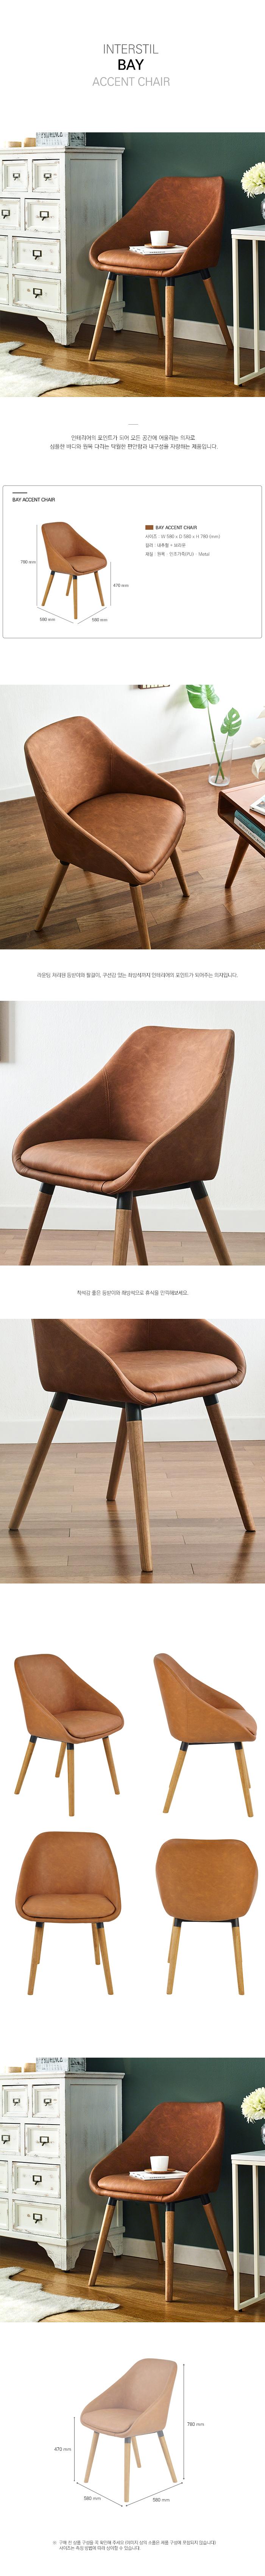 Bay-Chair_180518.jpg